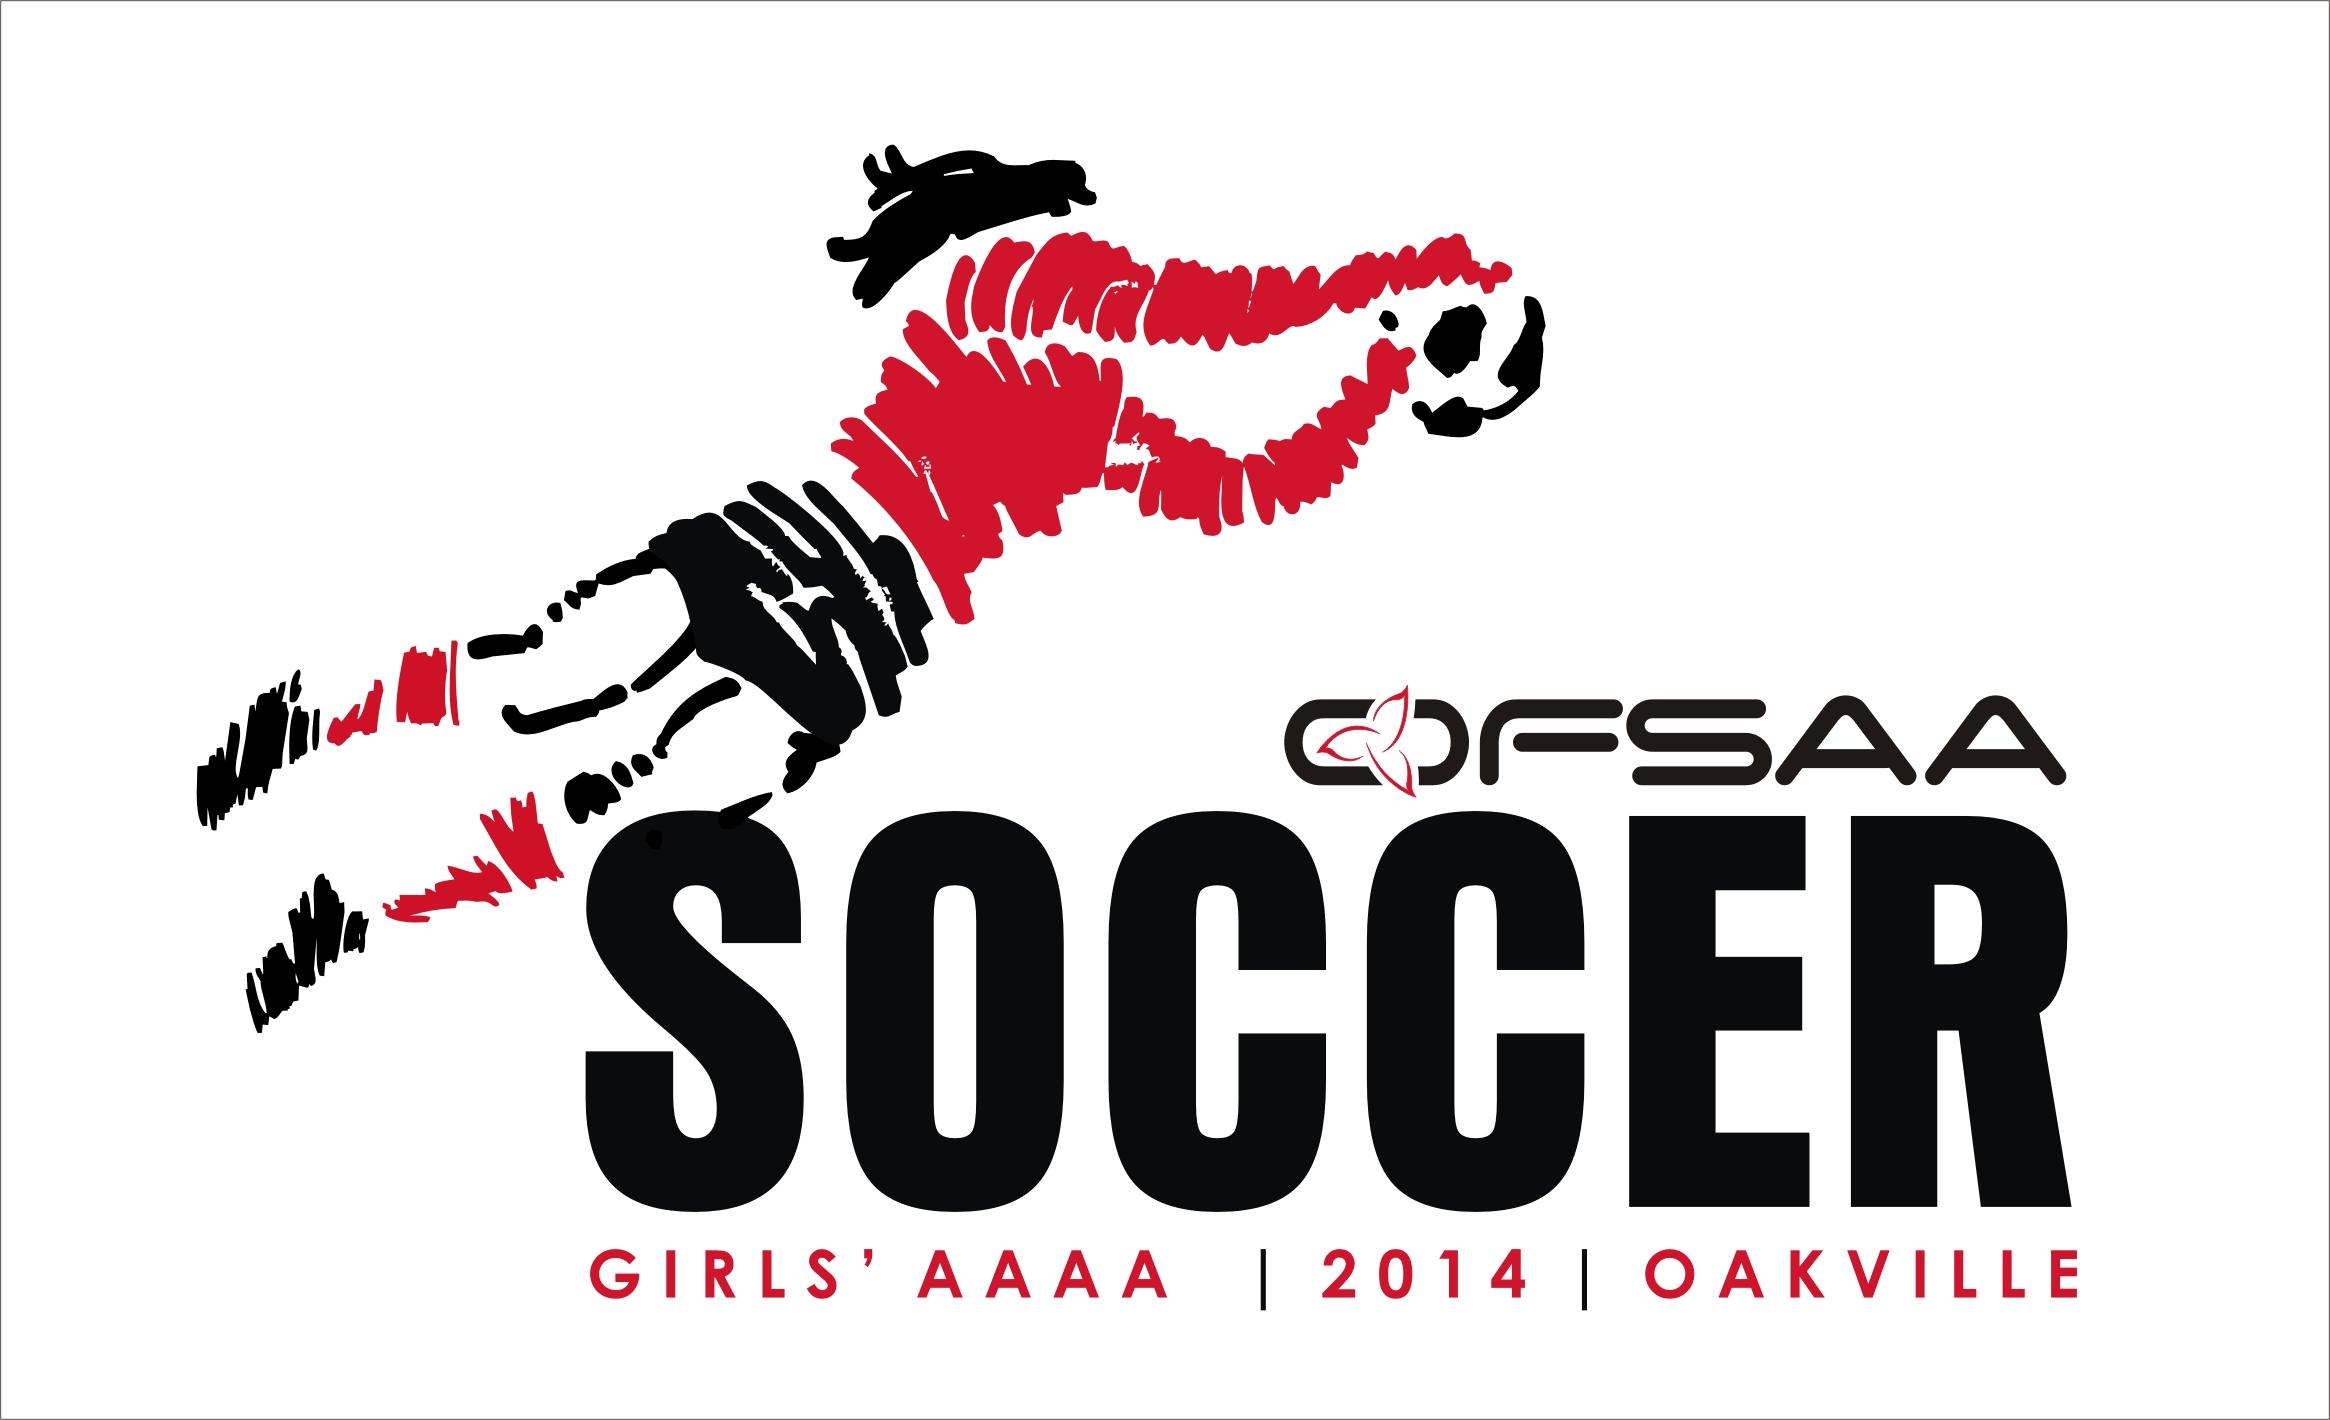 Girl Soccer logo.jpg